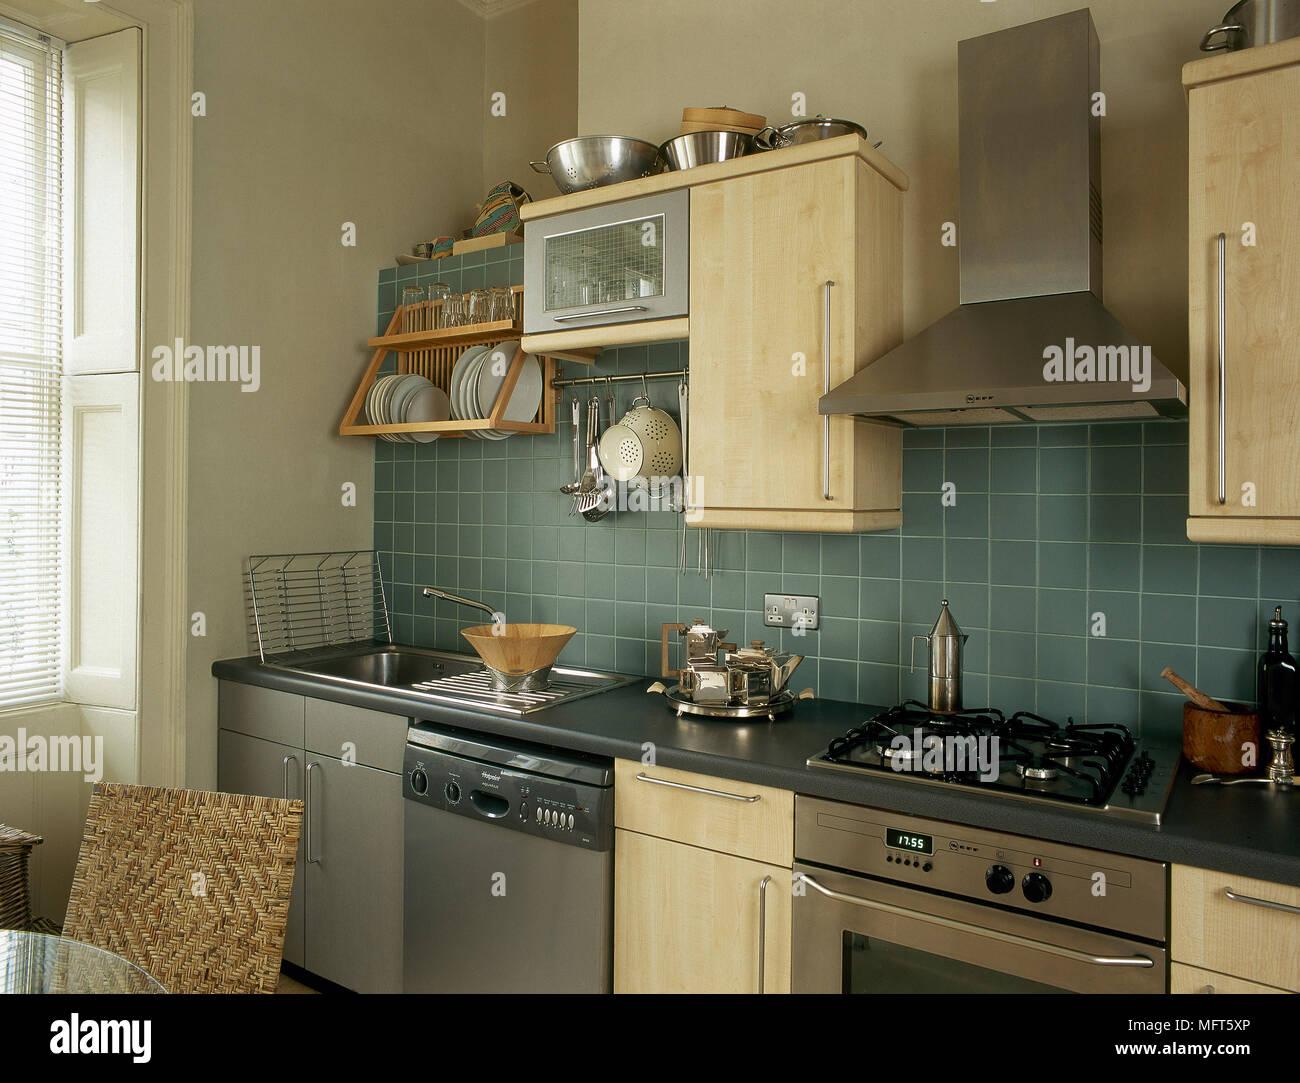 Charmant Küchen Mit Weißen Schränken Und Edelstahl Geräte Bilder ...